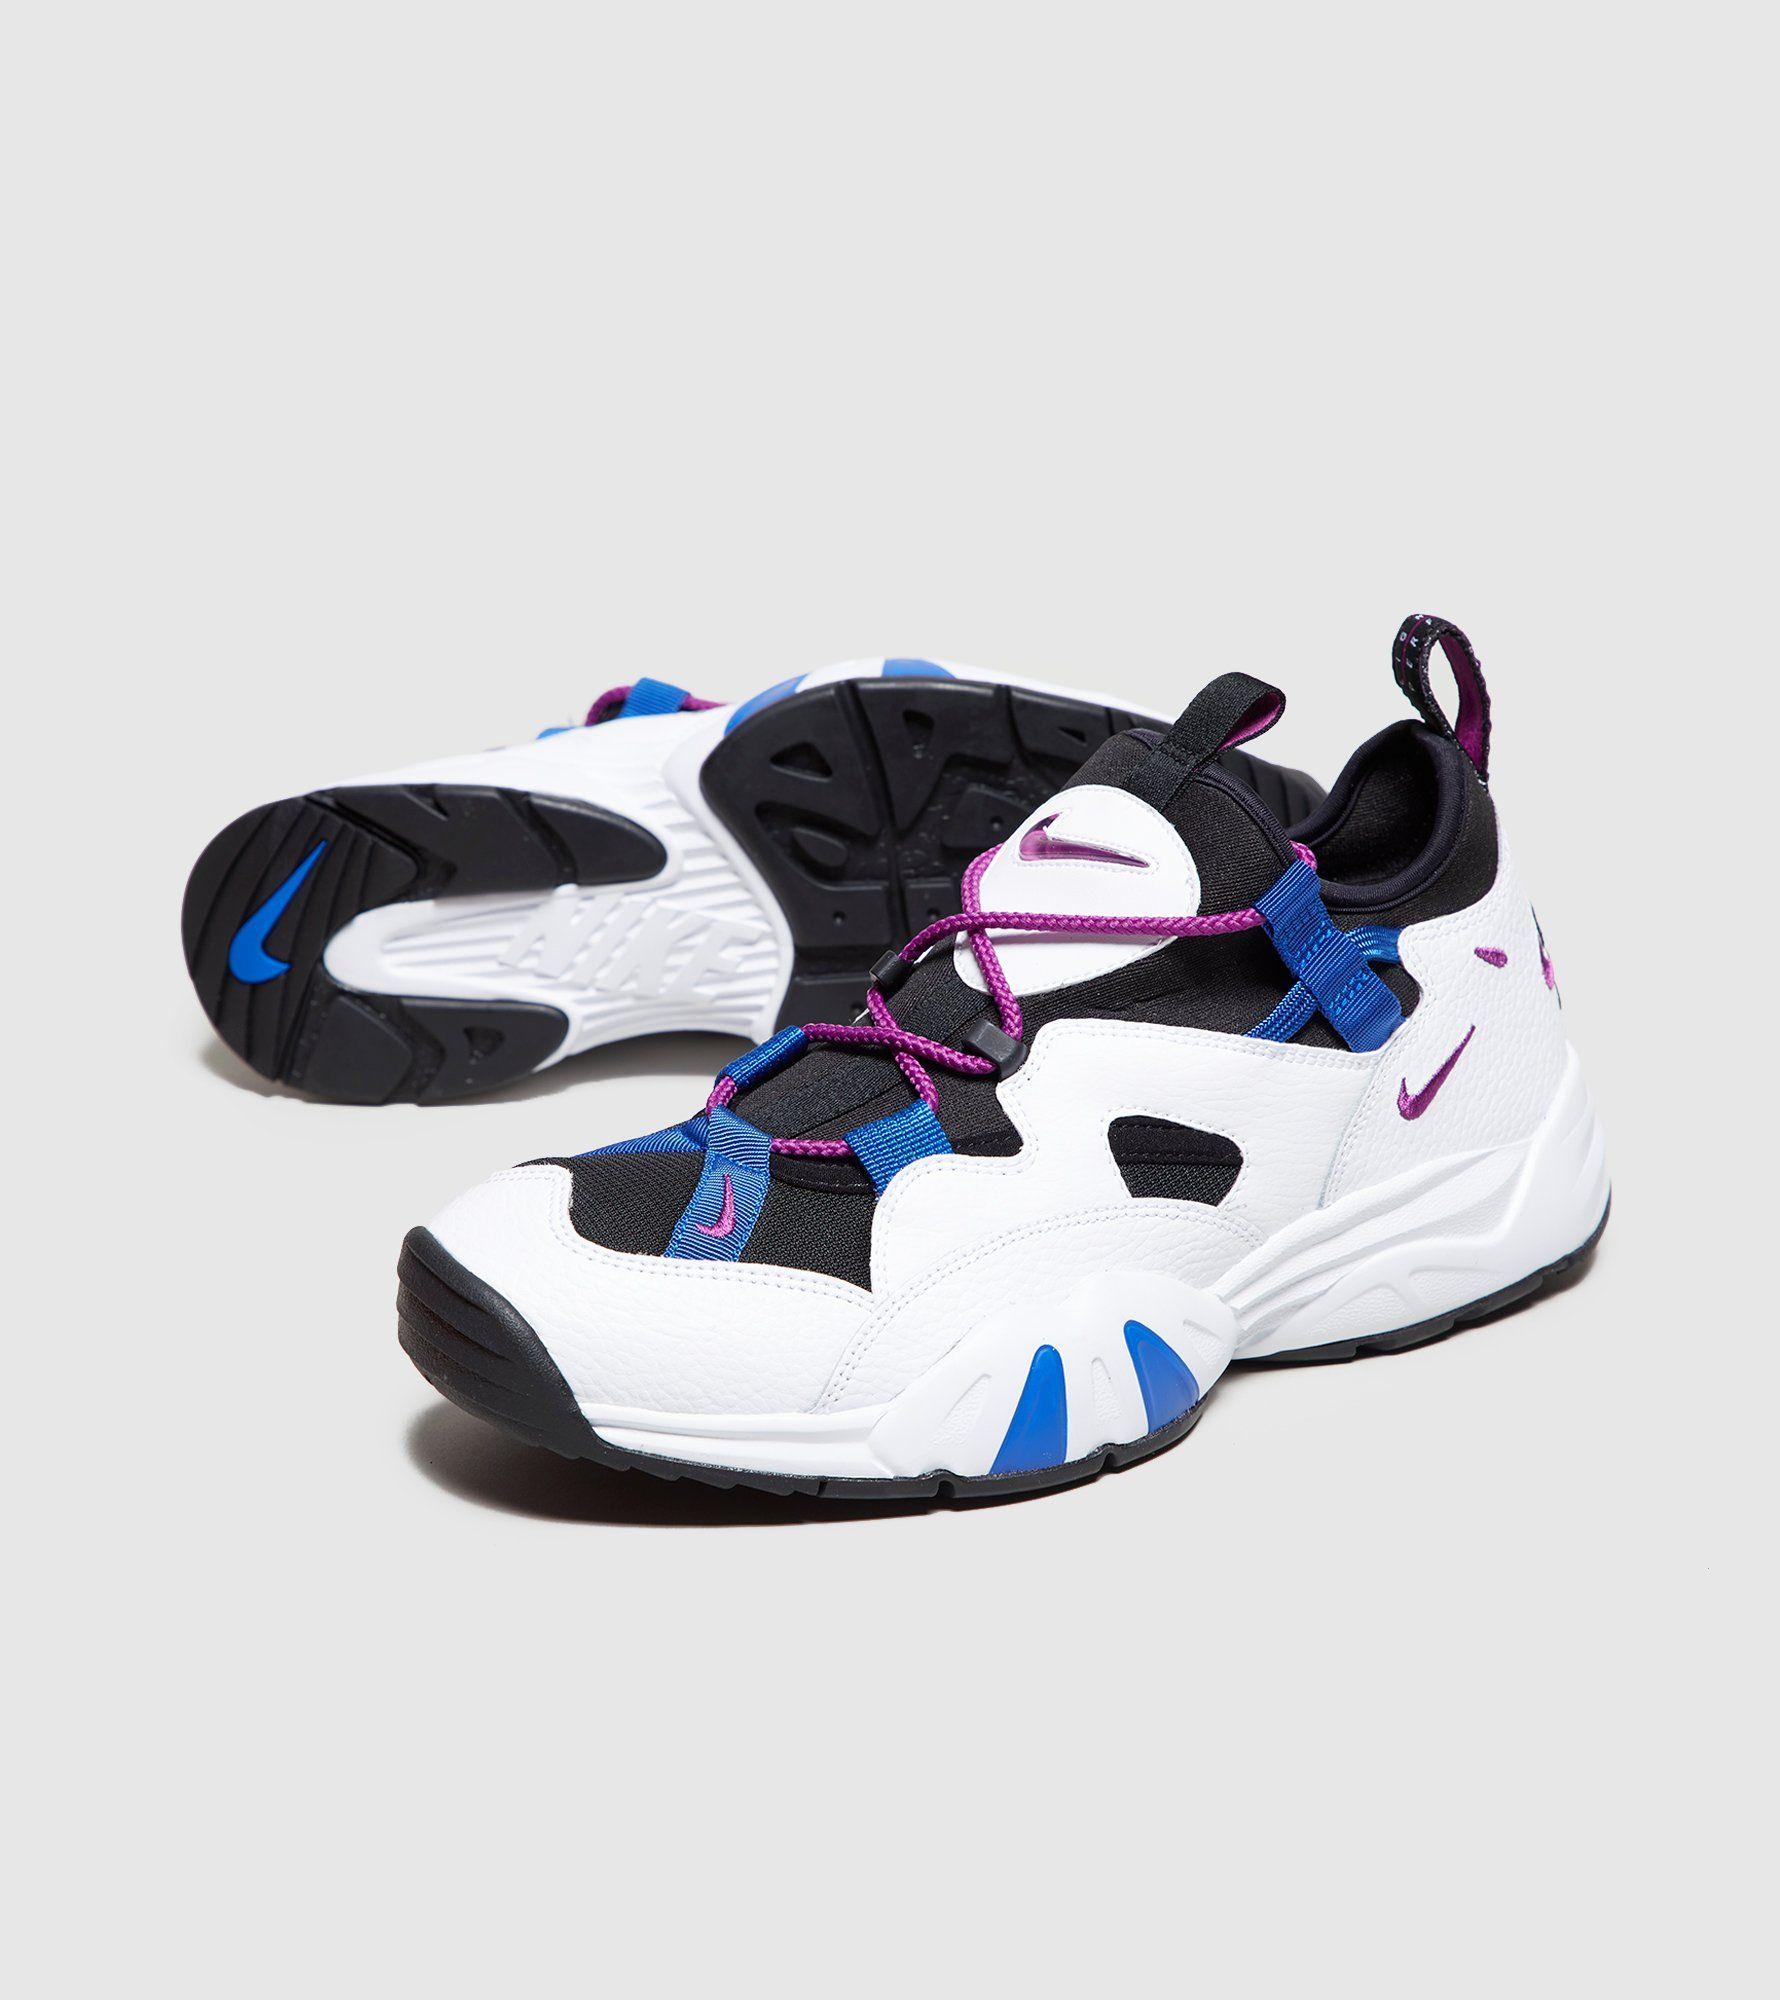 Nike Air Scream LWP